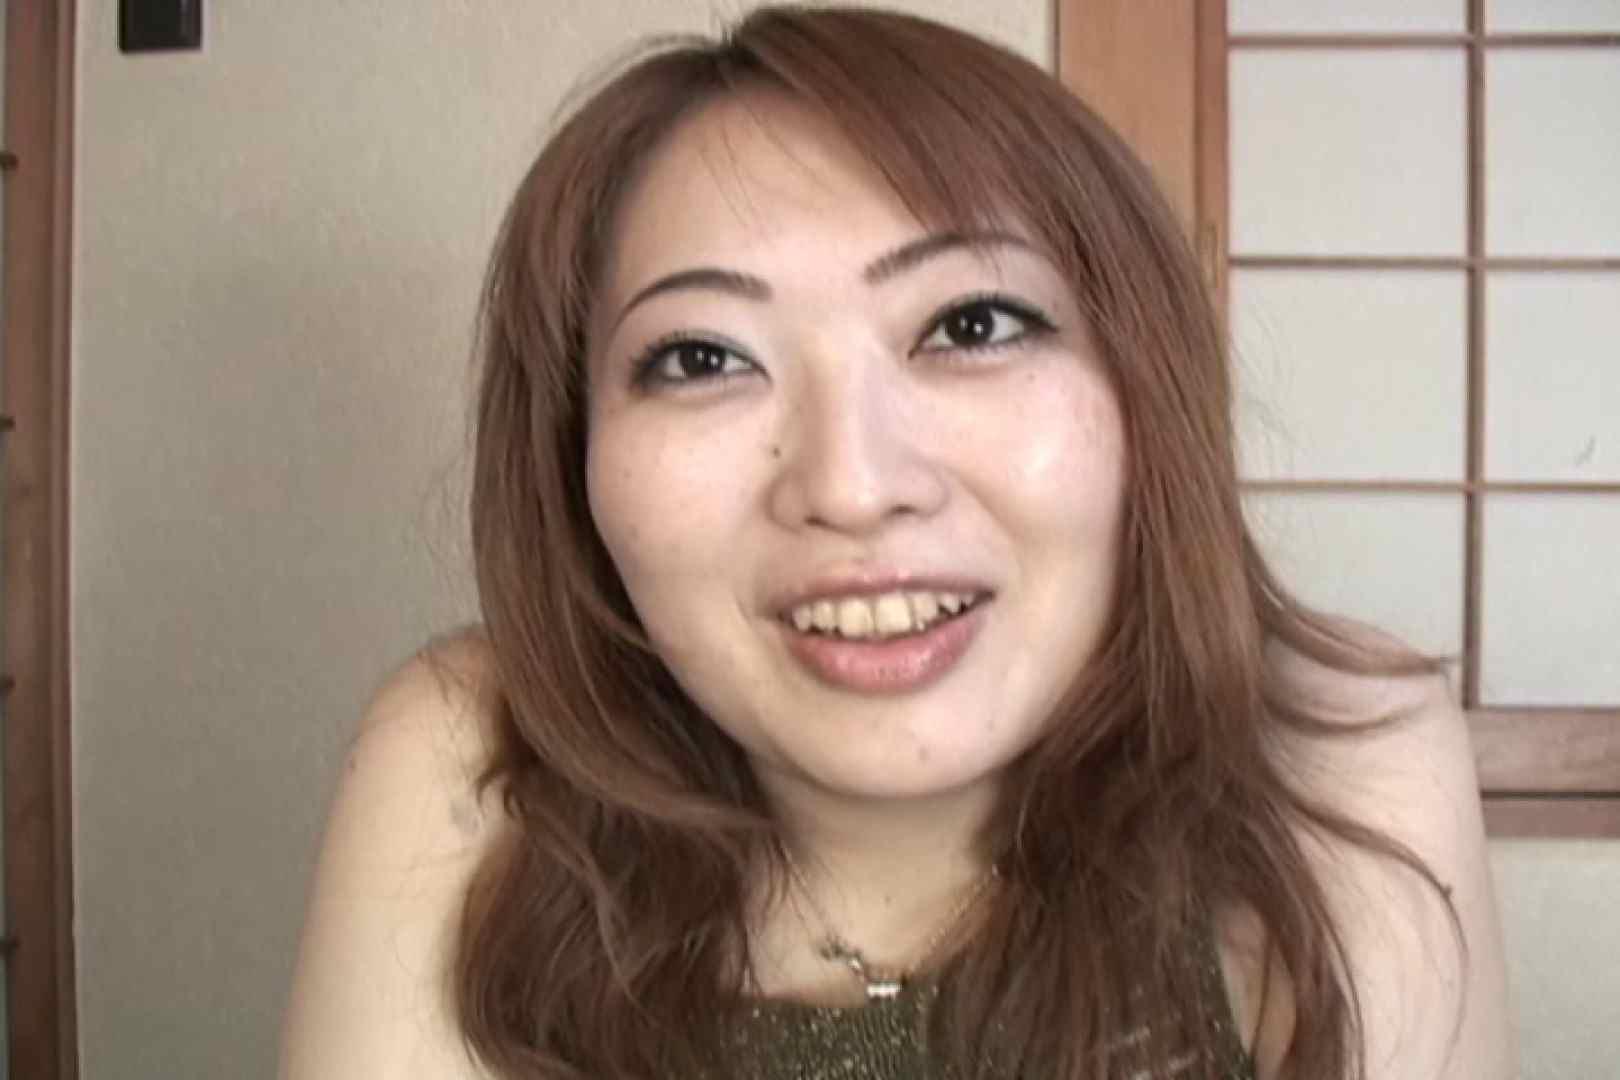 仕事で月200本のチンポを相手する22歳若人妻~桜井あい~ 熟女  22連発 18